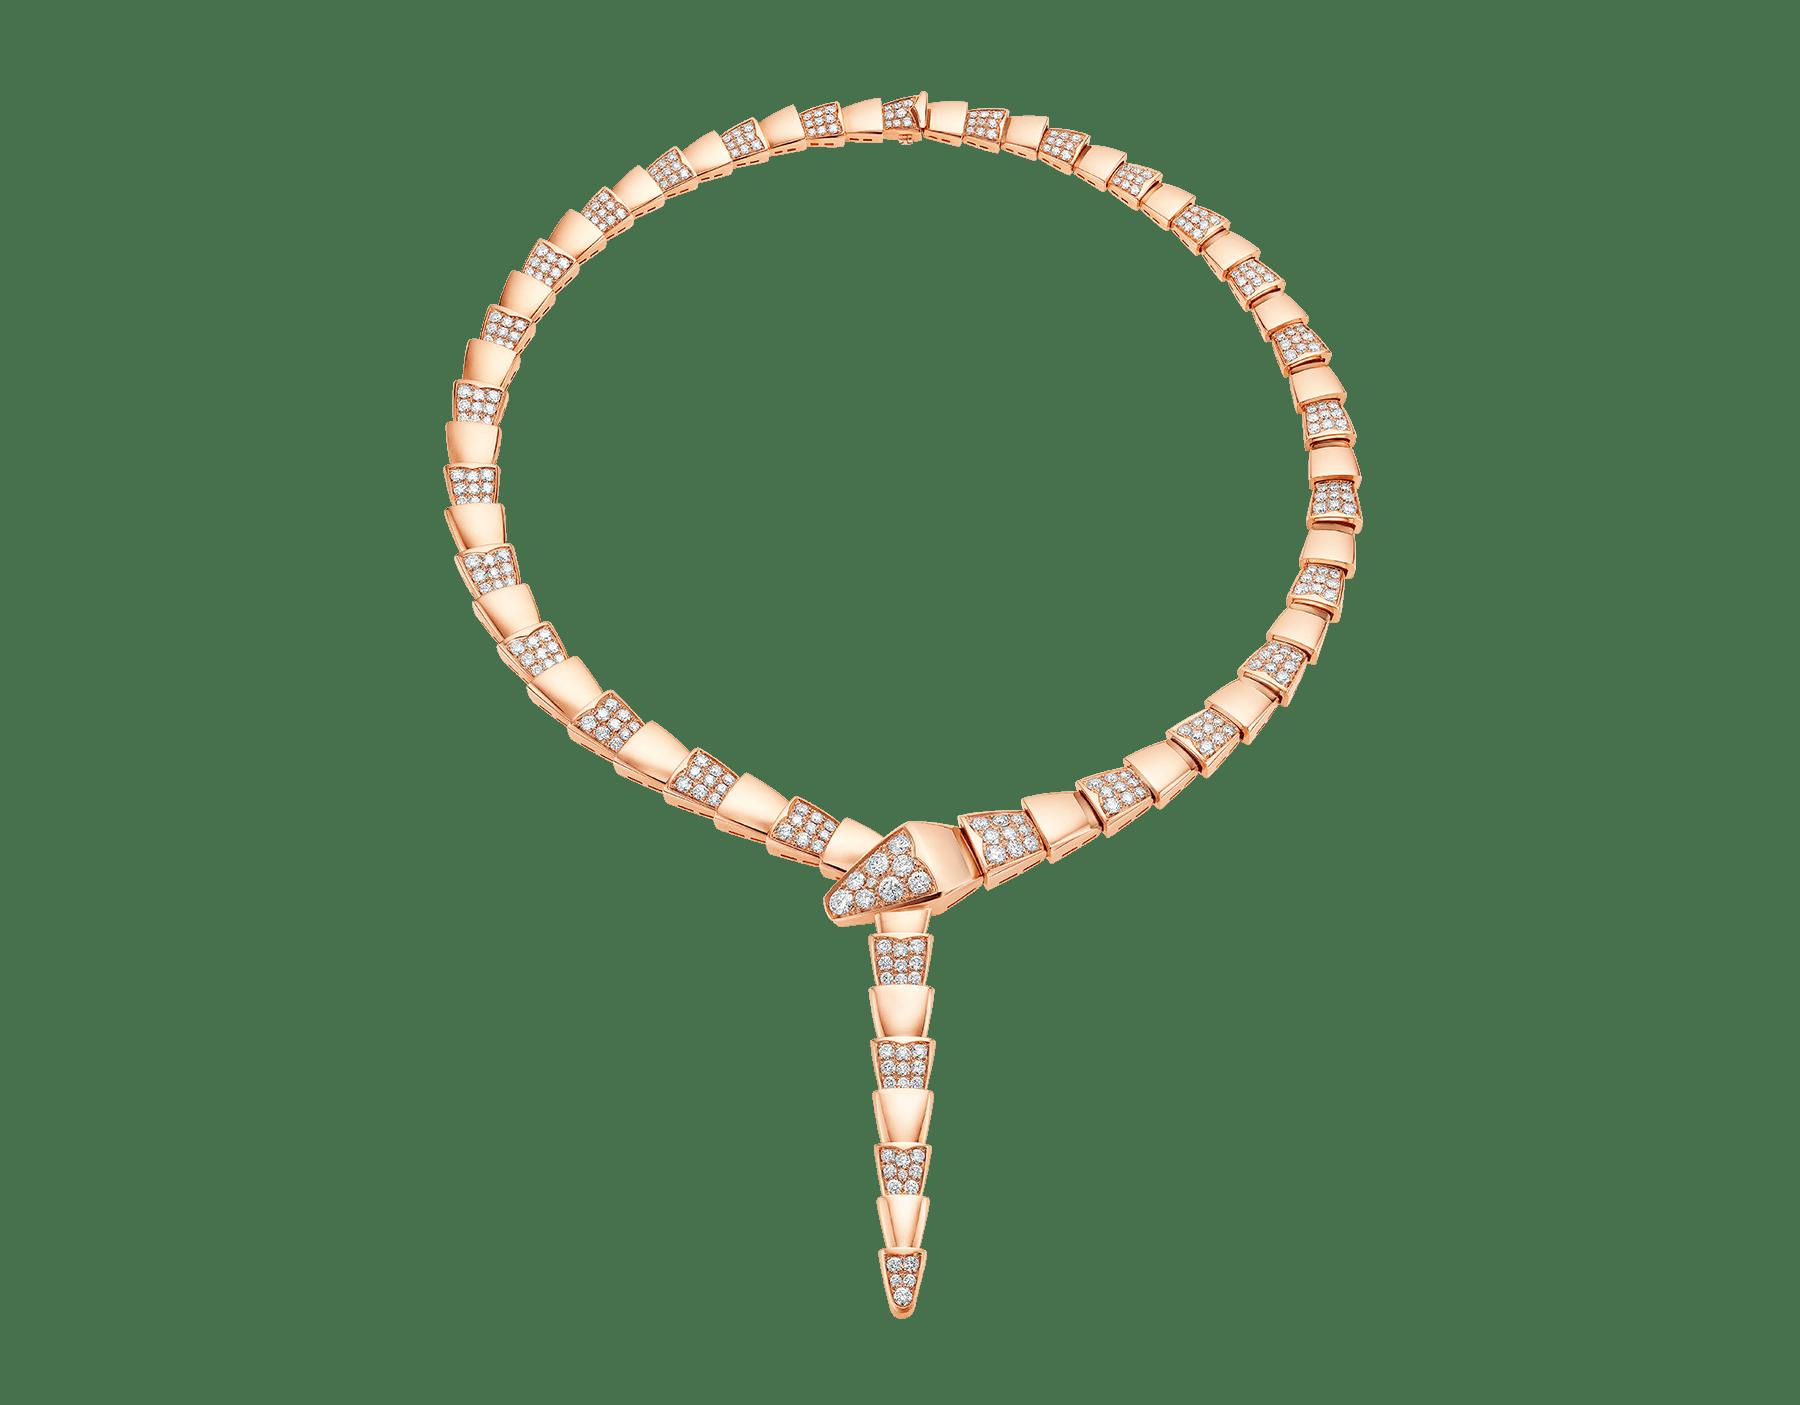 Colar Serpenti em ouro rosa 18K semicravejado com pavê de diamantes. 348166 image 1